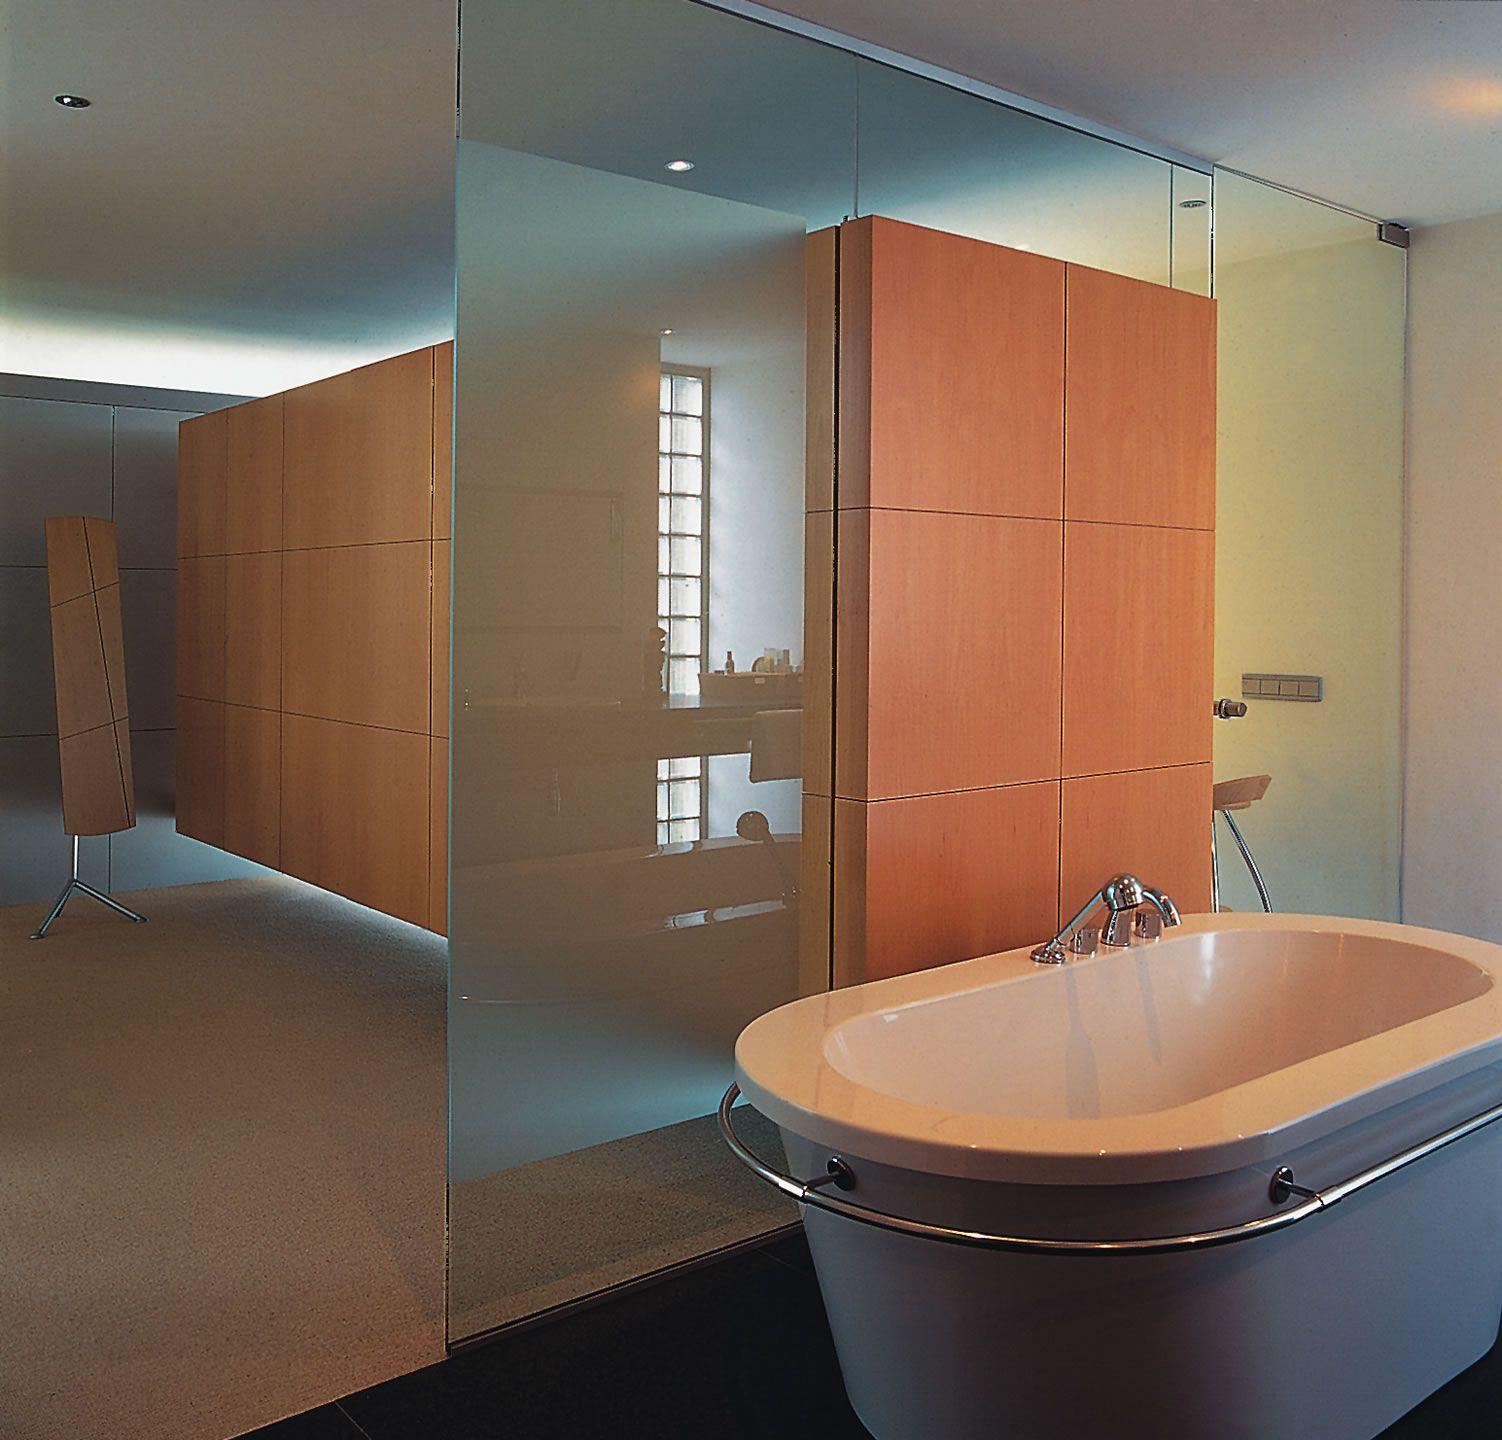 Meer dan 1000 ideeën over architectuur ontwerp op pinterest ...